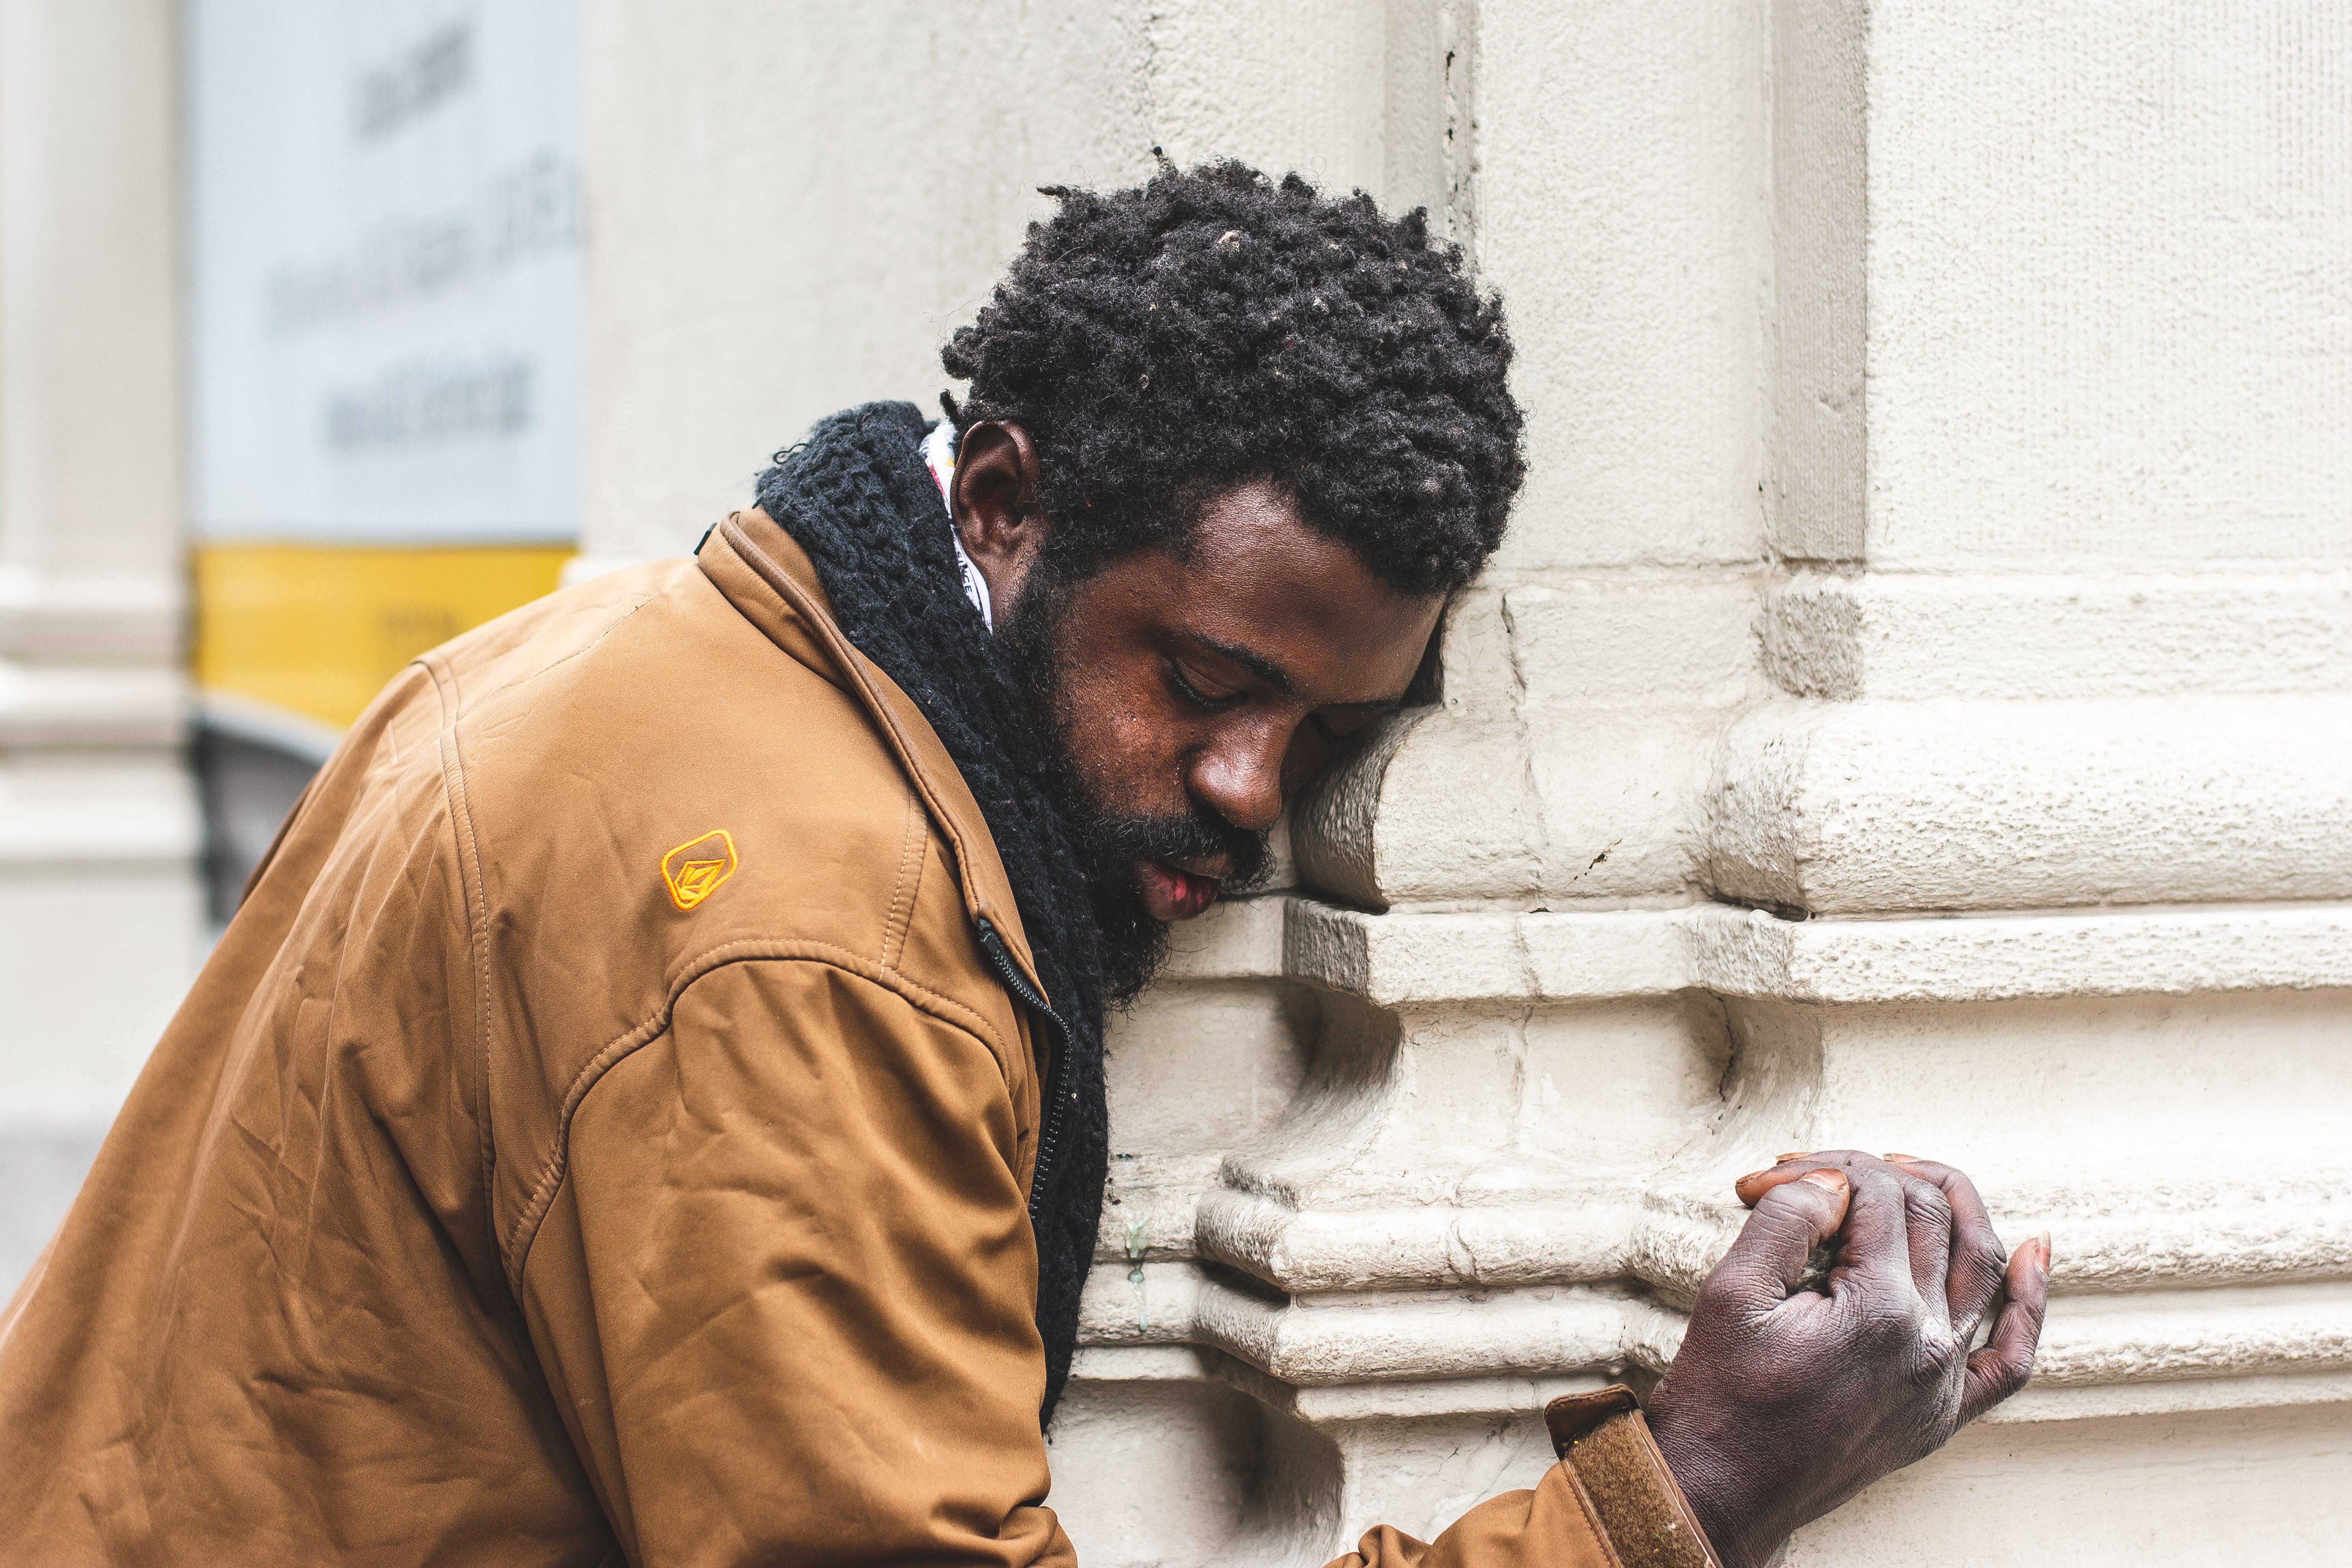 Gratis lagerfoto af hjemløs, mand, person, sort mand